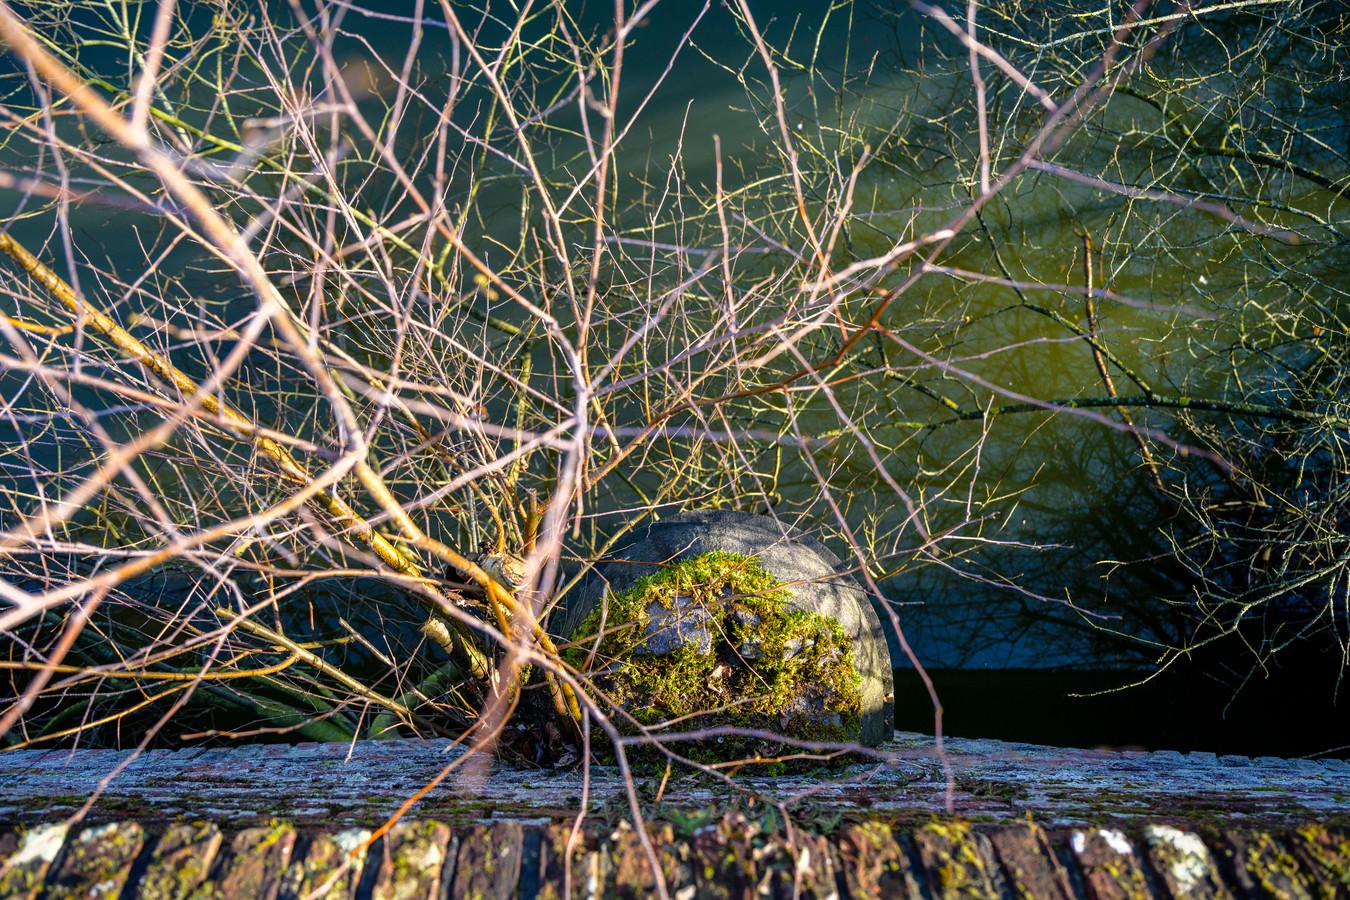 Planten groeien van onder de brug door.